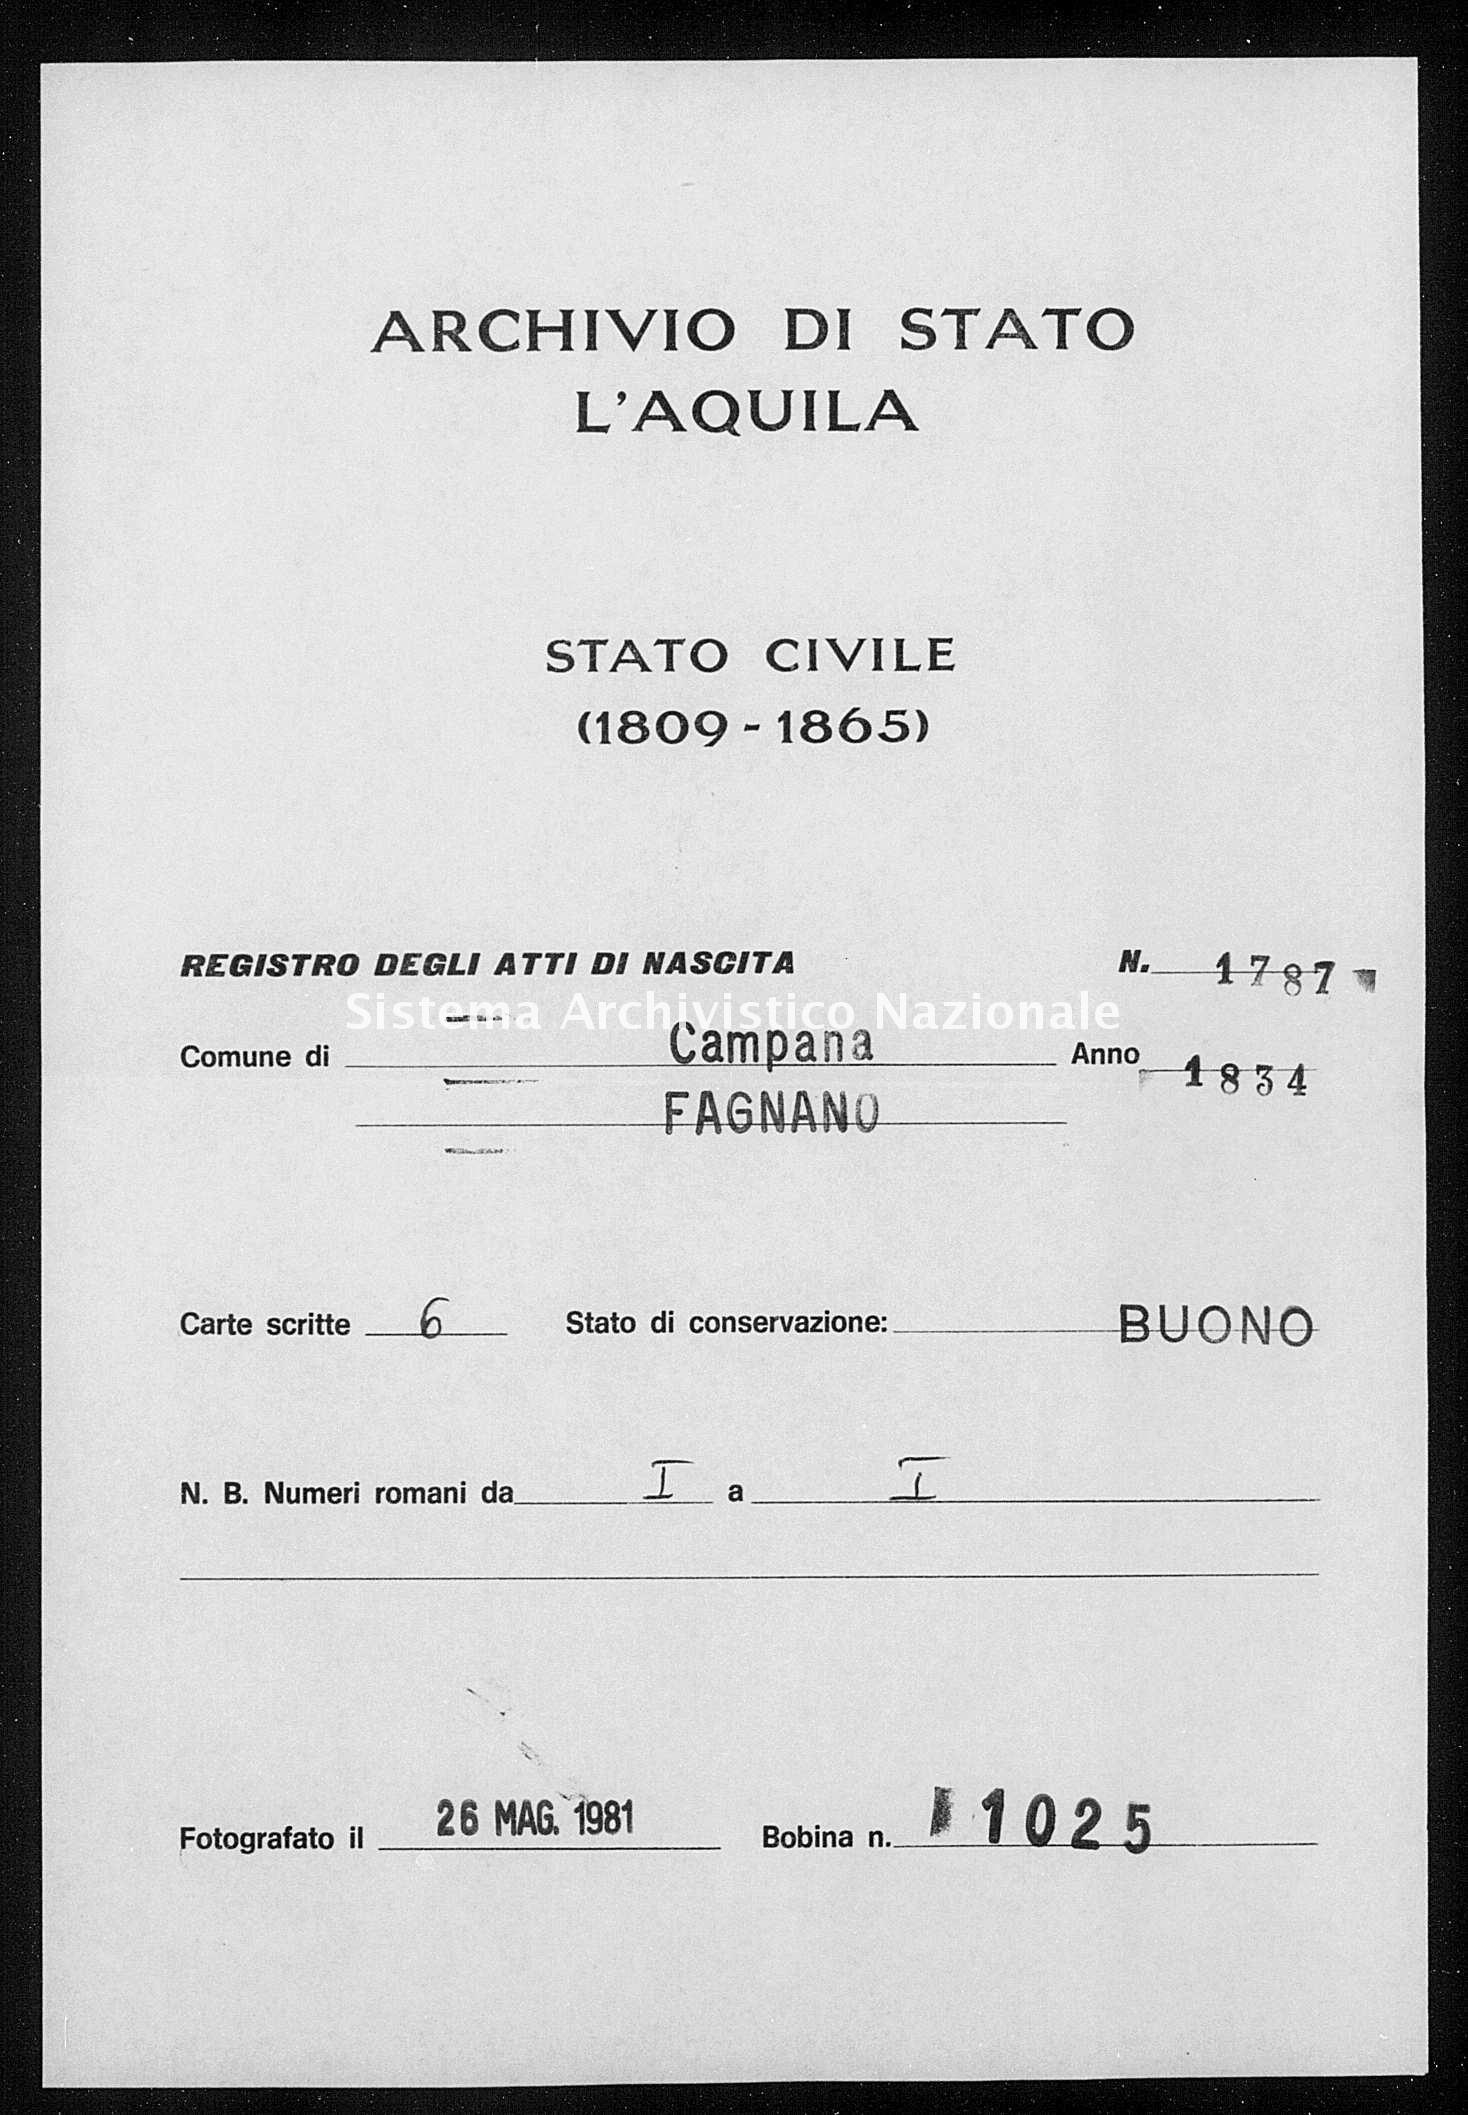 Archivio di stato di L'aquila - Stato civile della restaurazione - Campana - Nati - 1834 - 1787 -